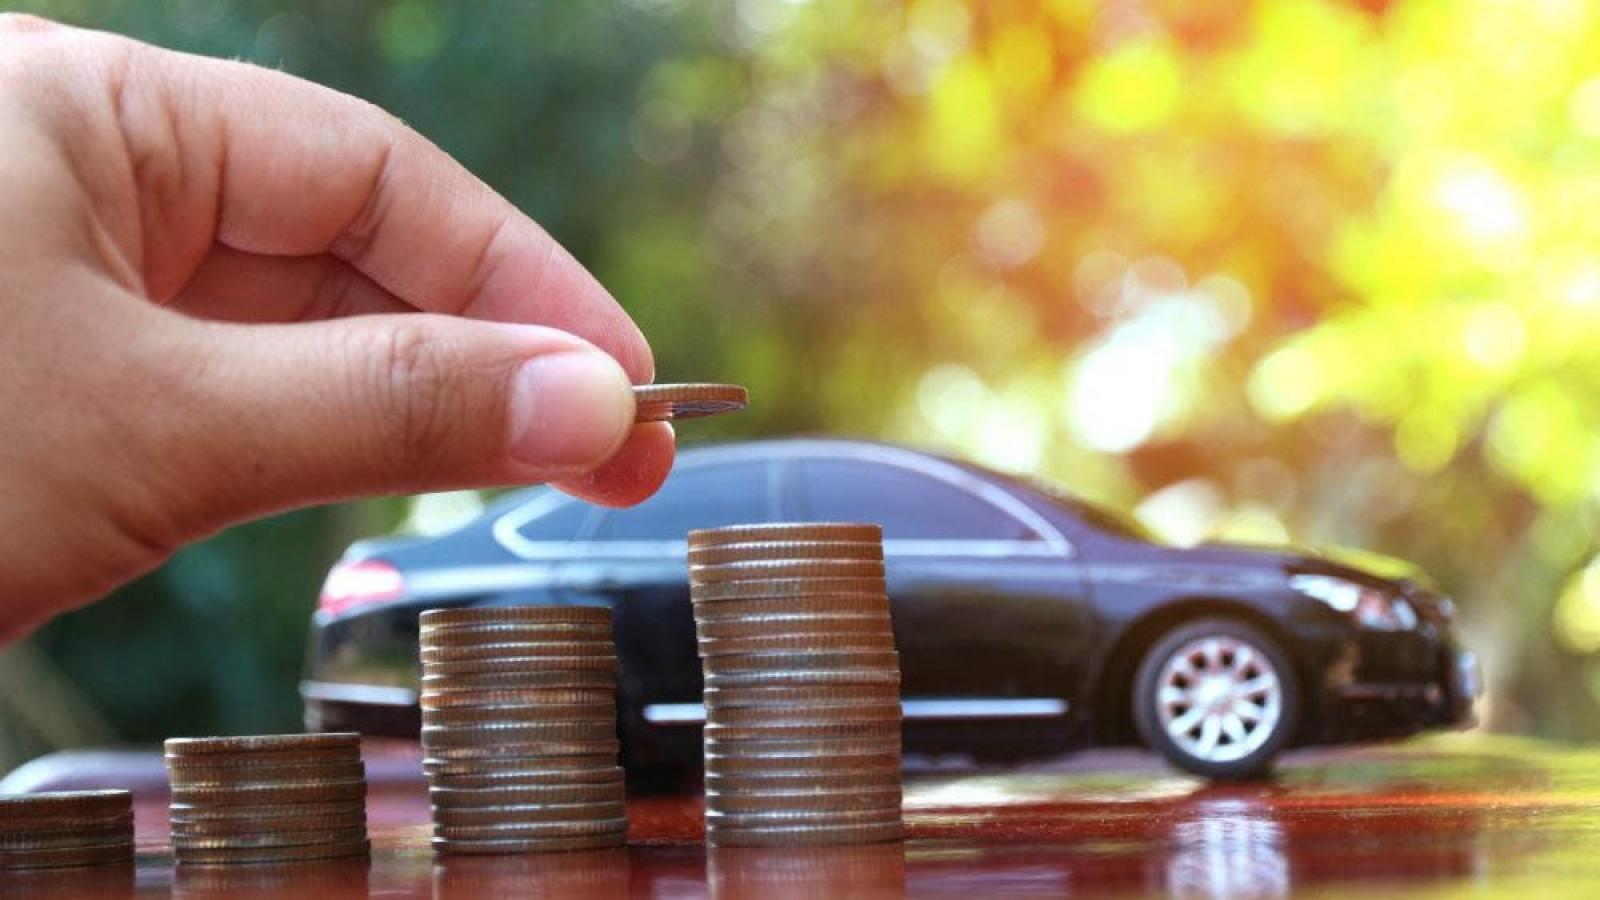 Как уменьшить (снизить) транспортный налог на автомобиль, как не платить